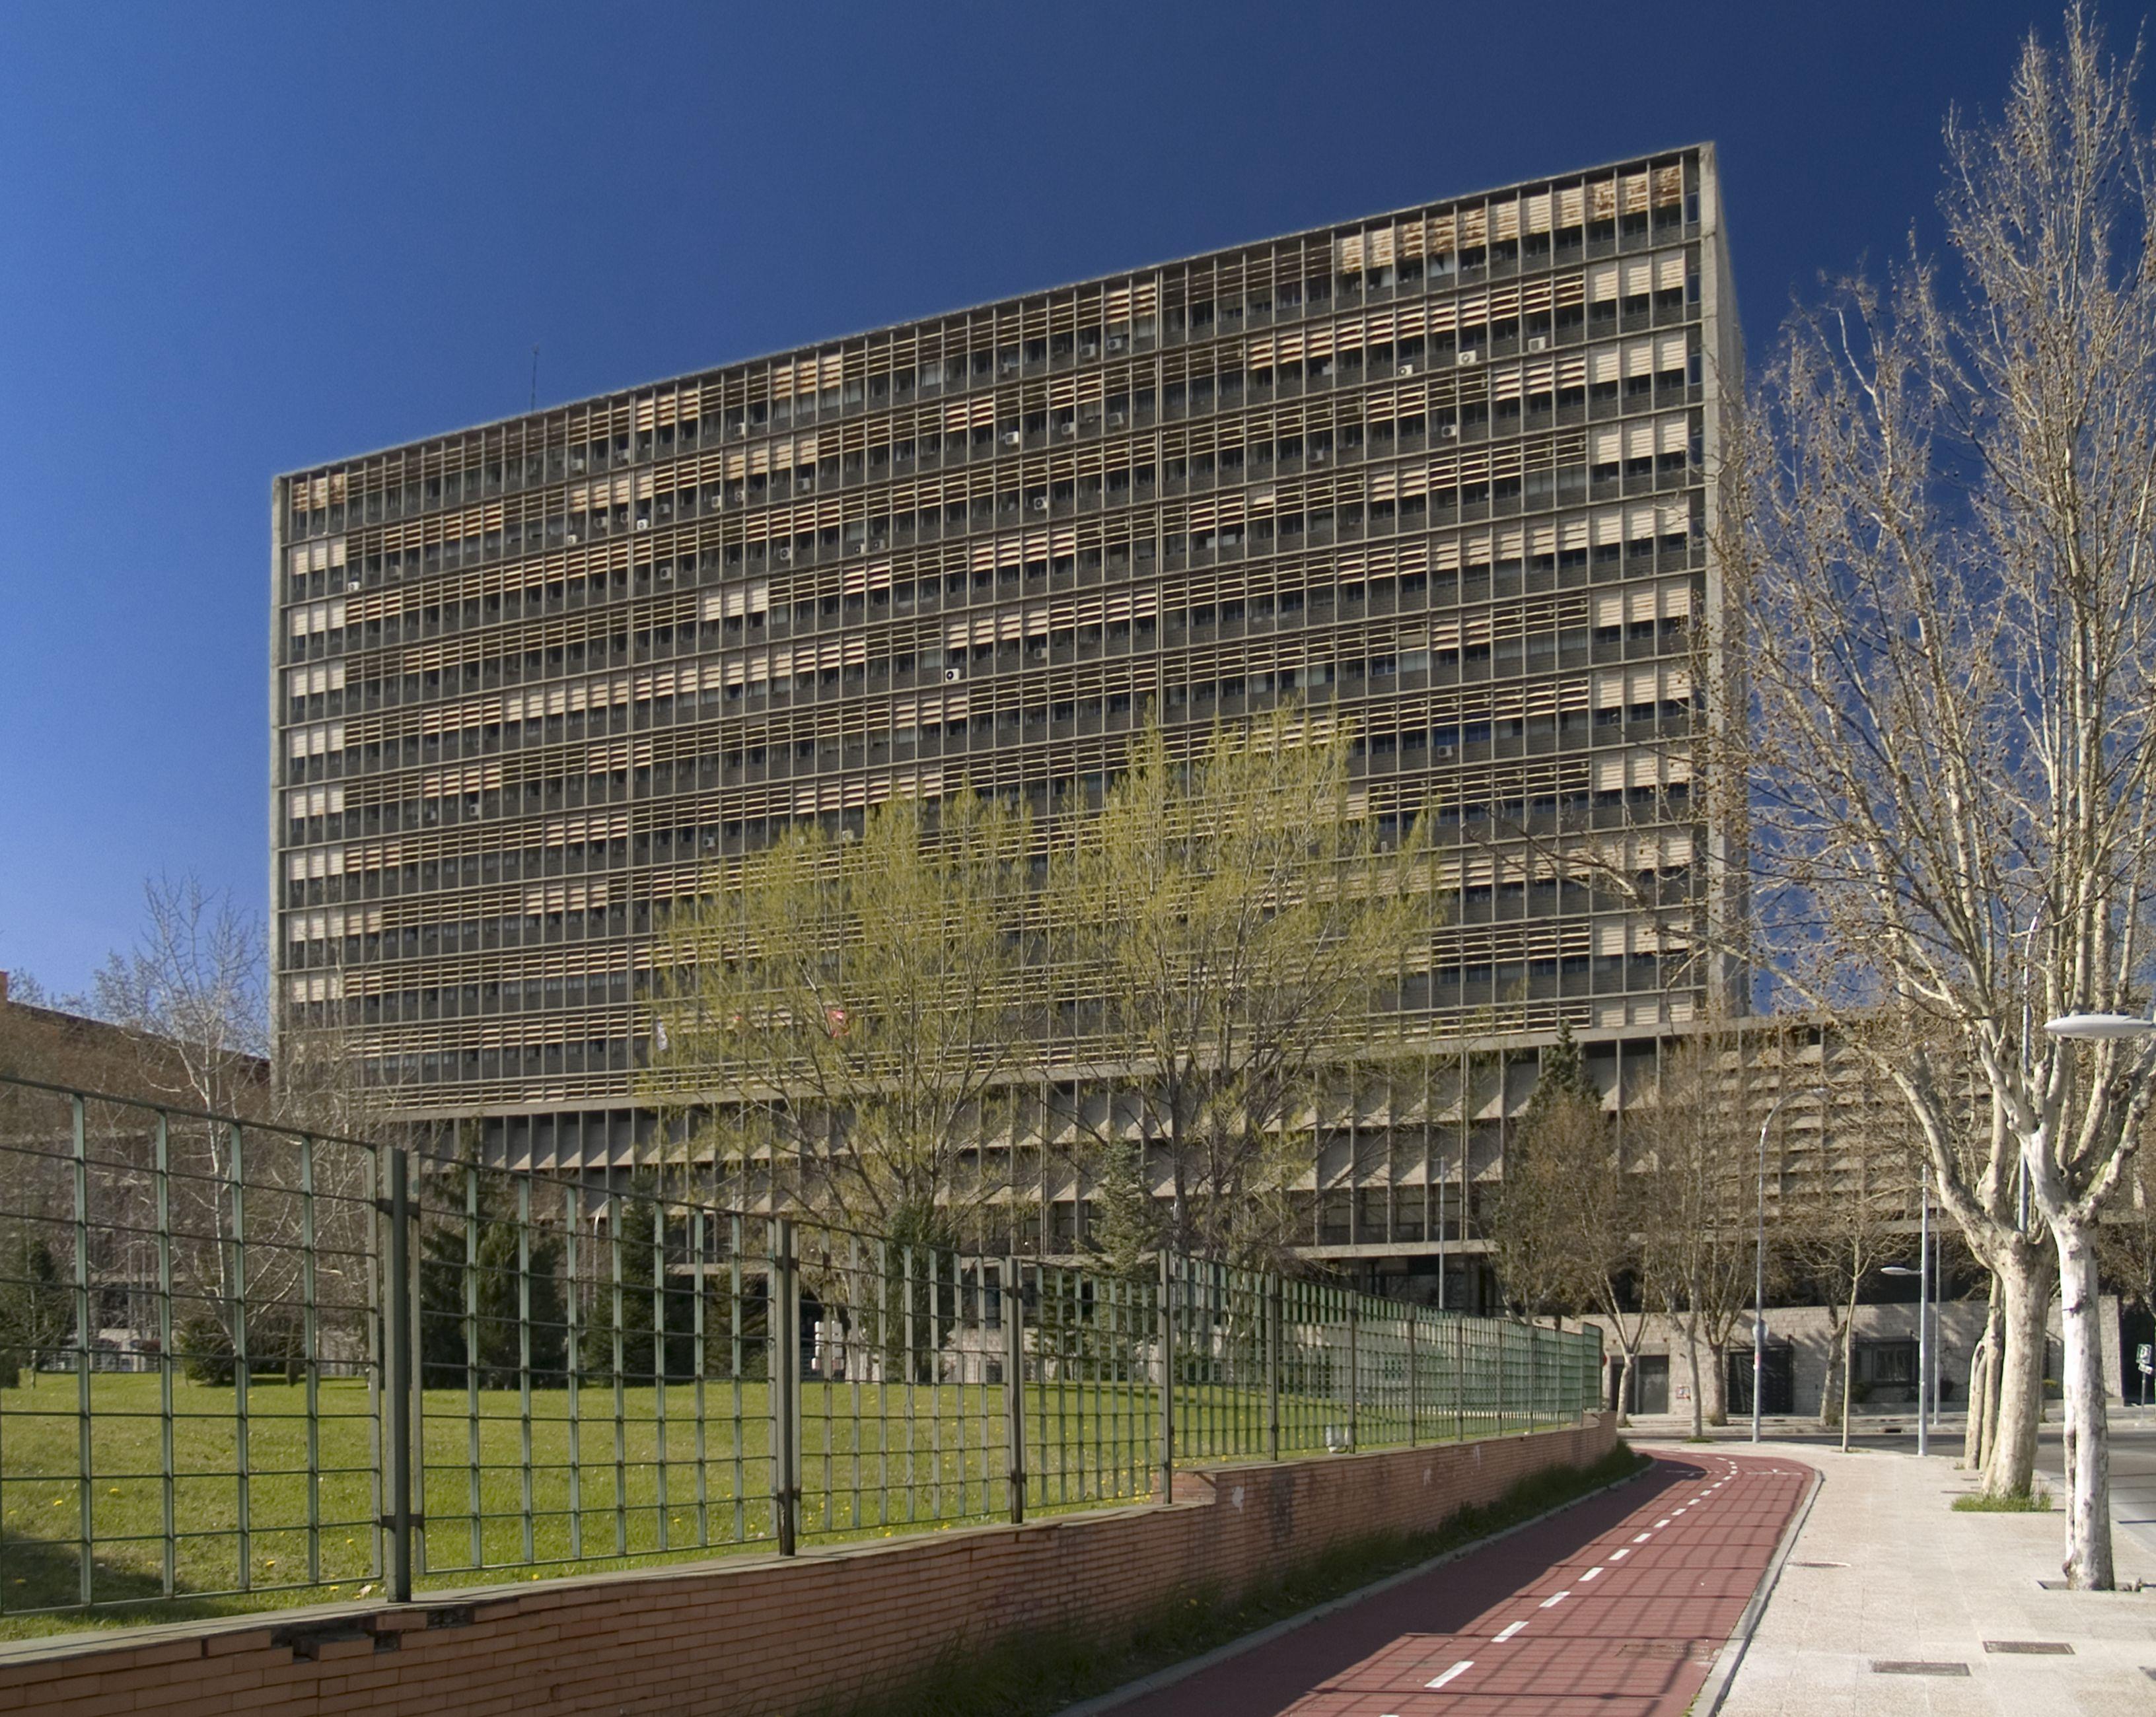 Facultad de ciencias geol gicas de la universidad for Universidades de arquitectura en espana